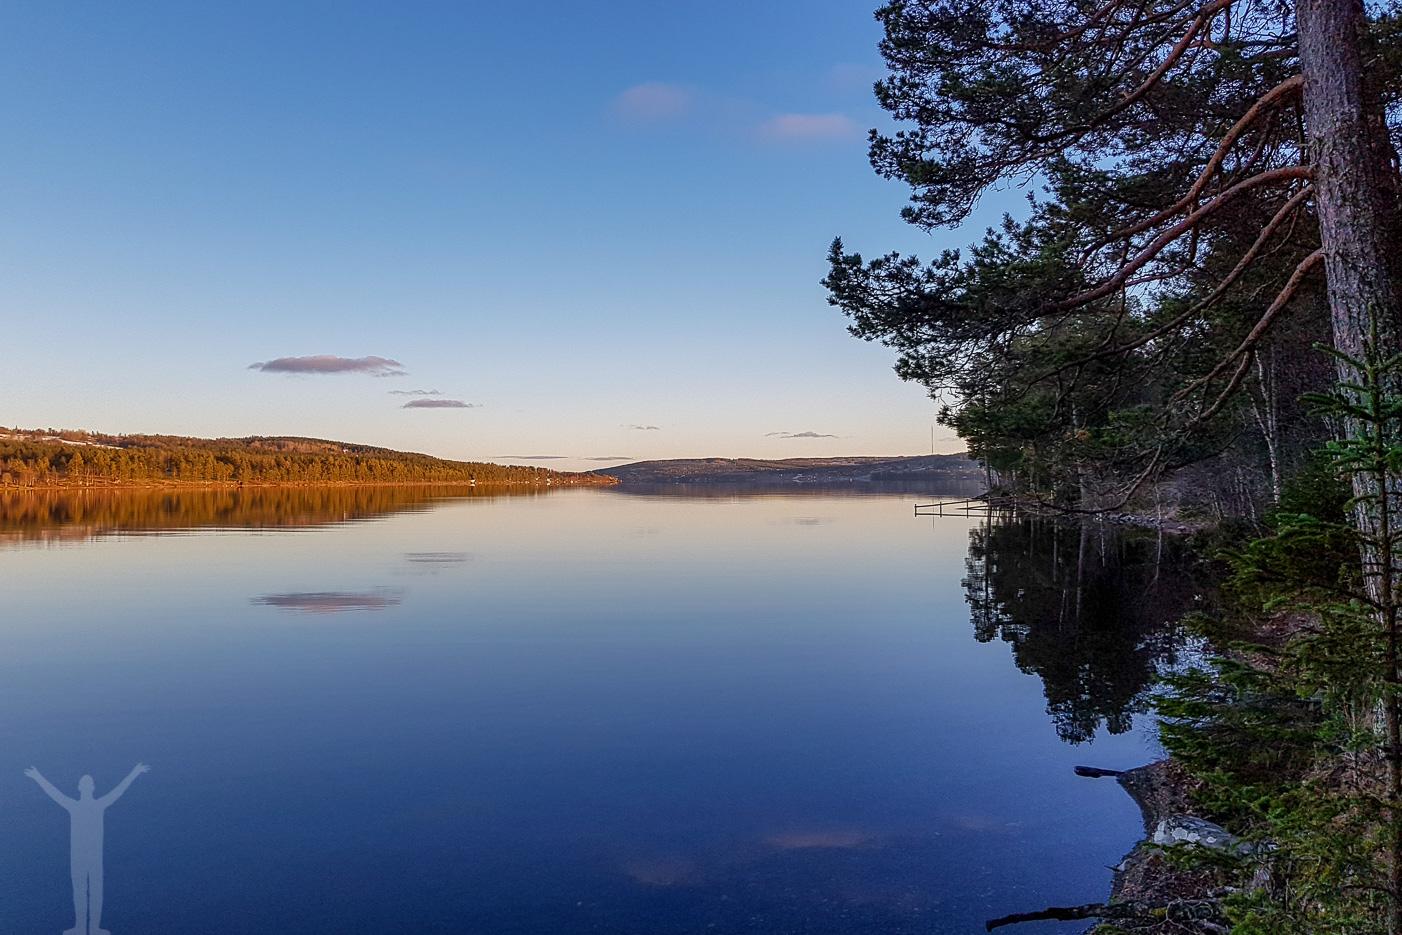 Bynäset utanför Östersund